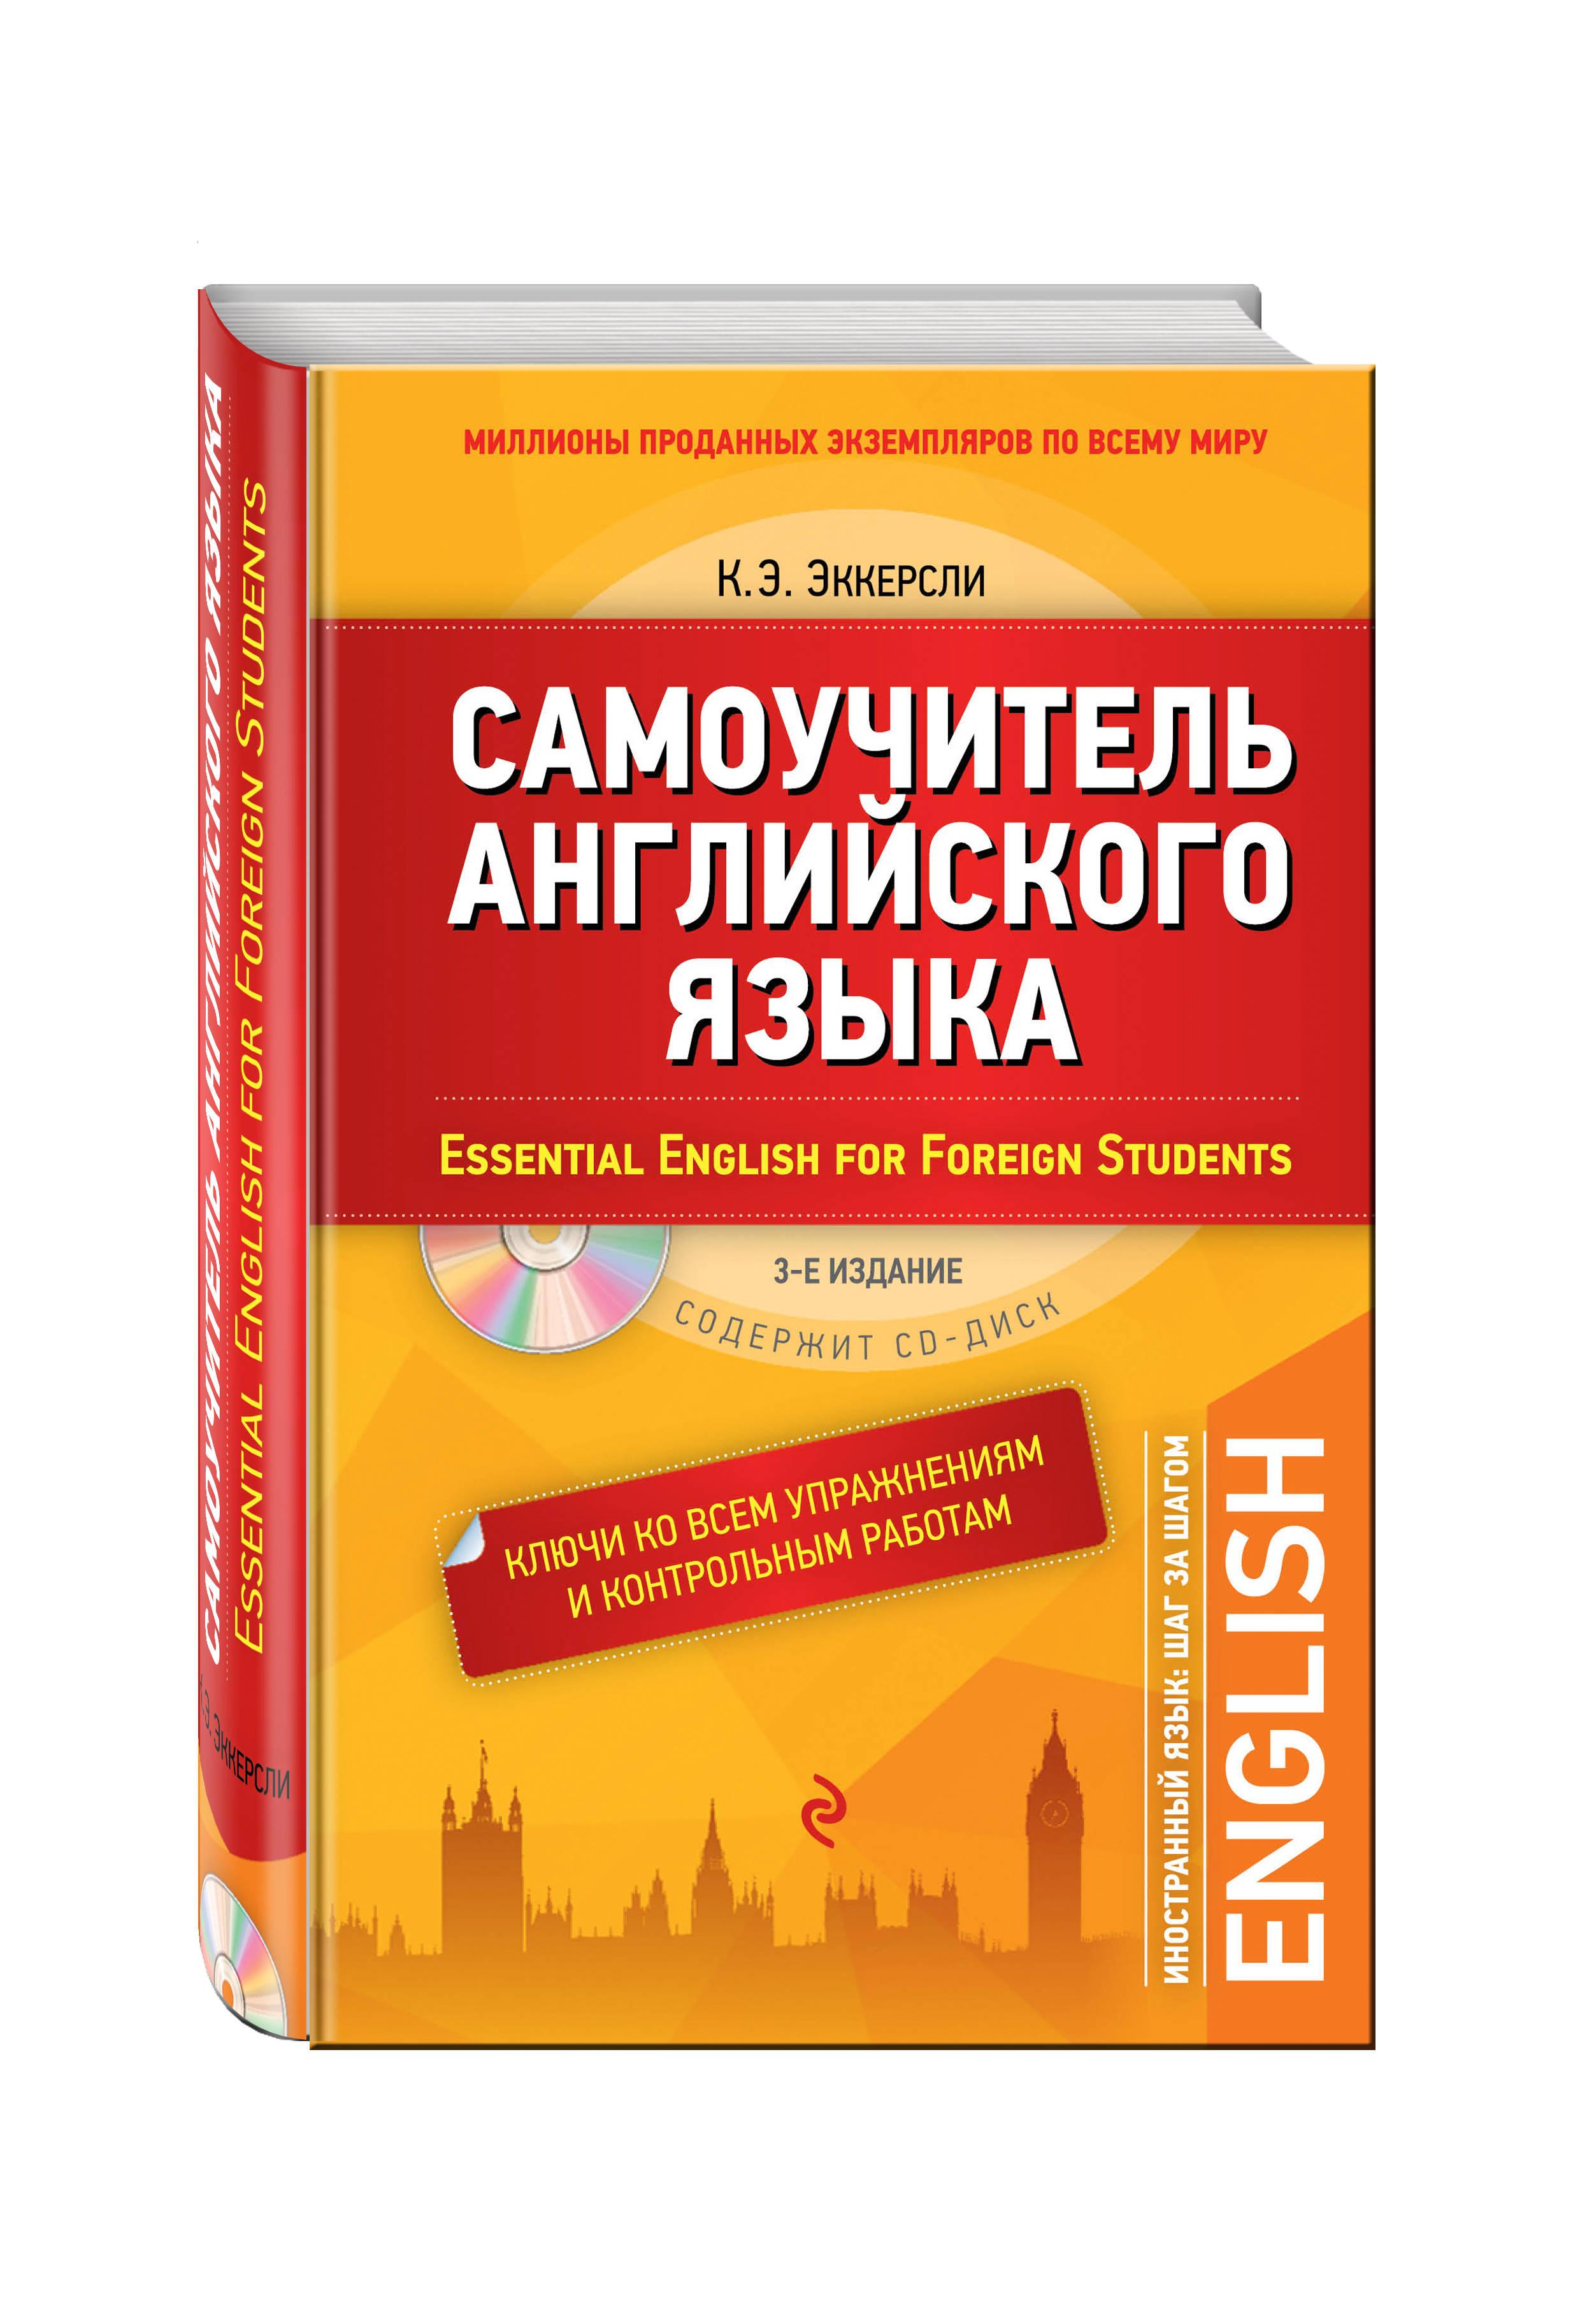 Самоучитель английского языка (+СD). С ключами ко всем упражнениям и контрольным работам. 3-е издание